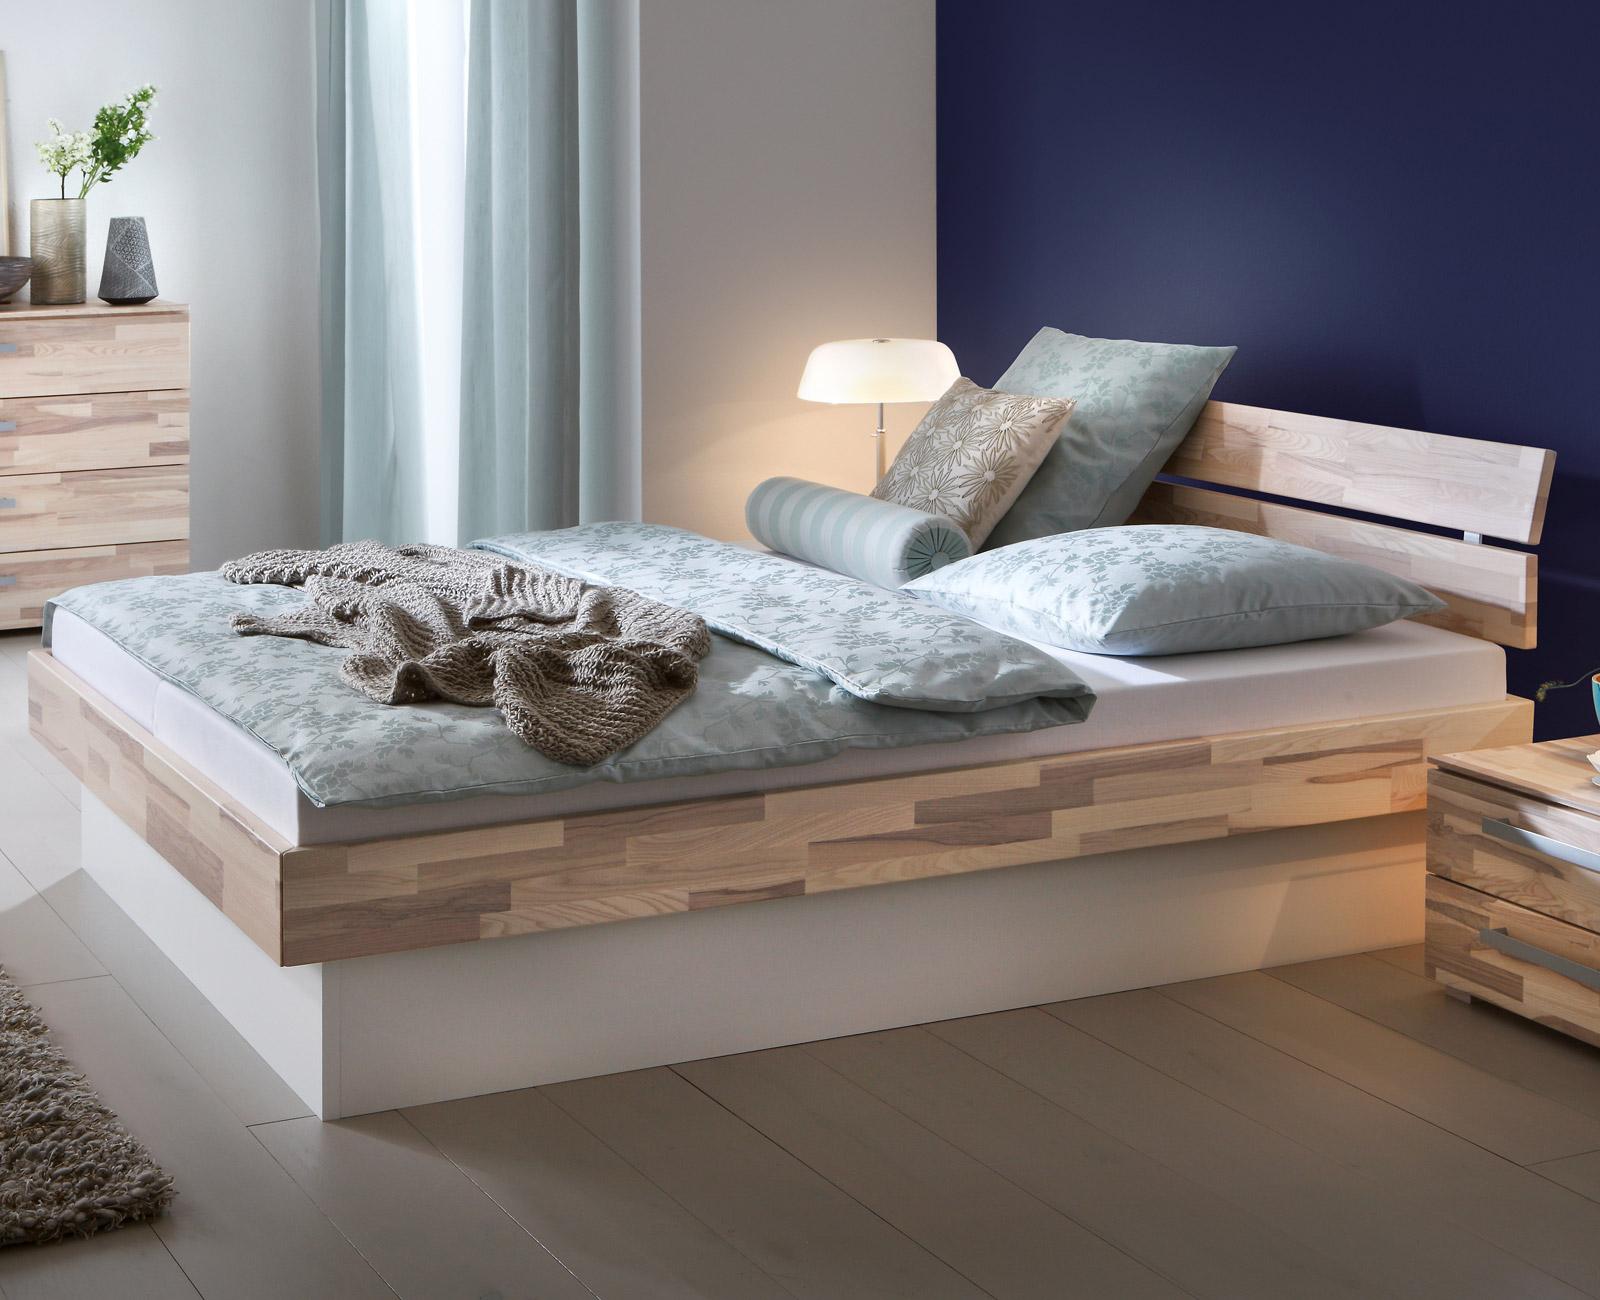 Betten Mit Bettkasten sockelbett aus heller kernesche mit bettkasten partido